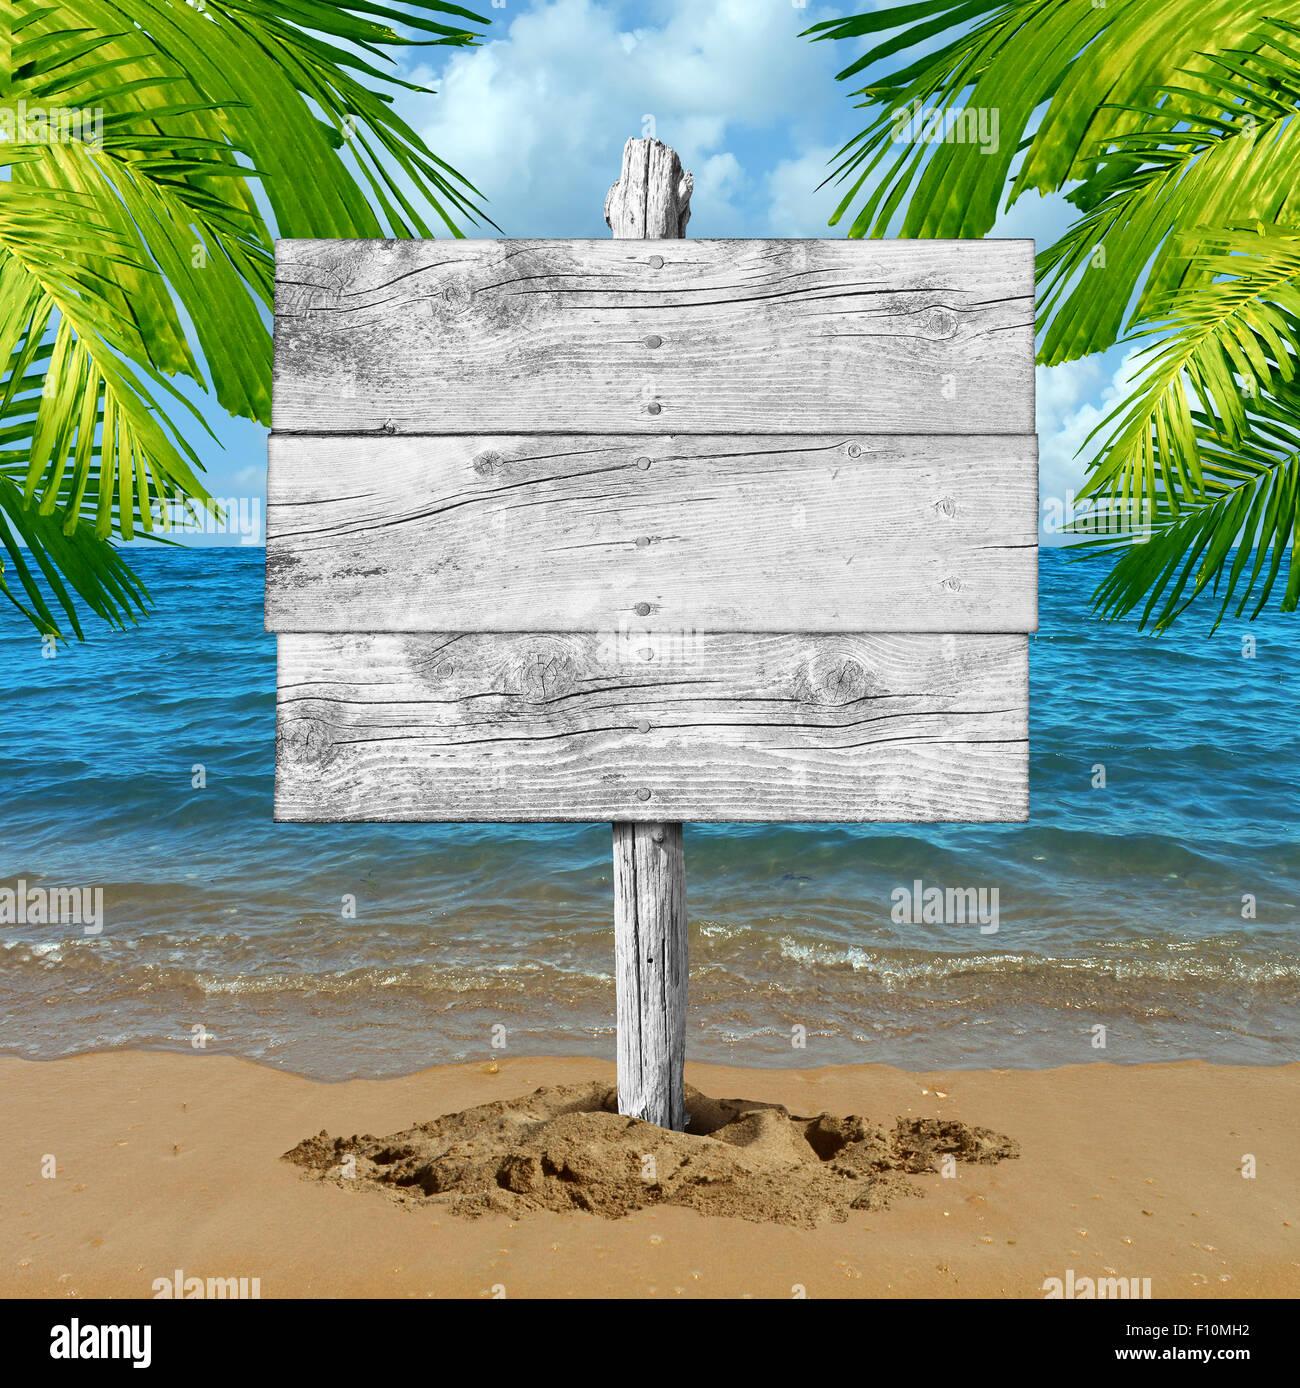 Playa la madera firme y para unas vacaciones tropicales de Billboard en blanco como fondo una ola oceánica Imagen De Stock